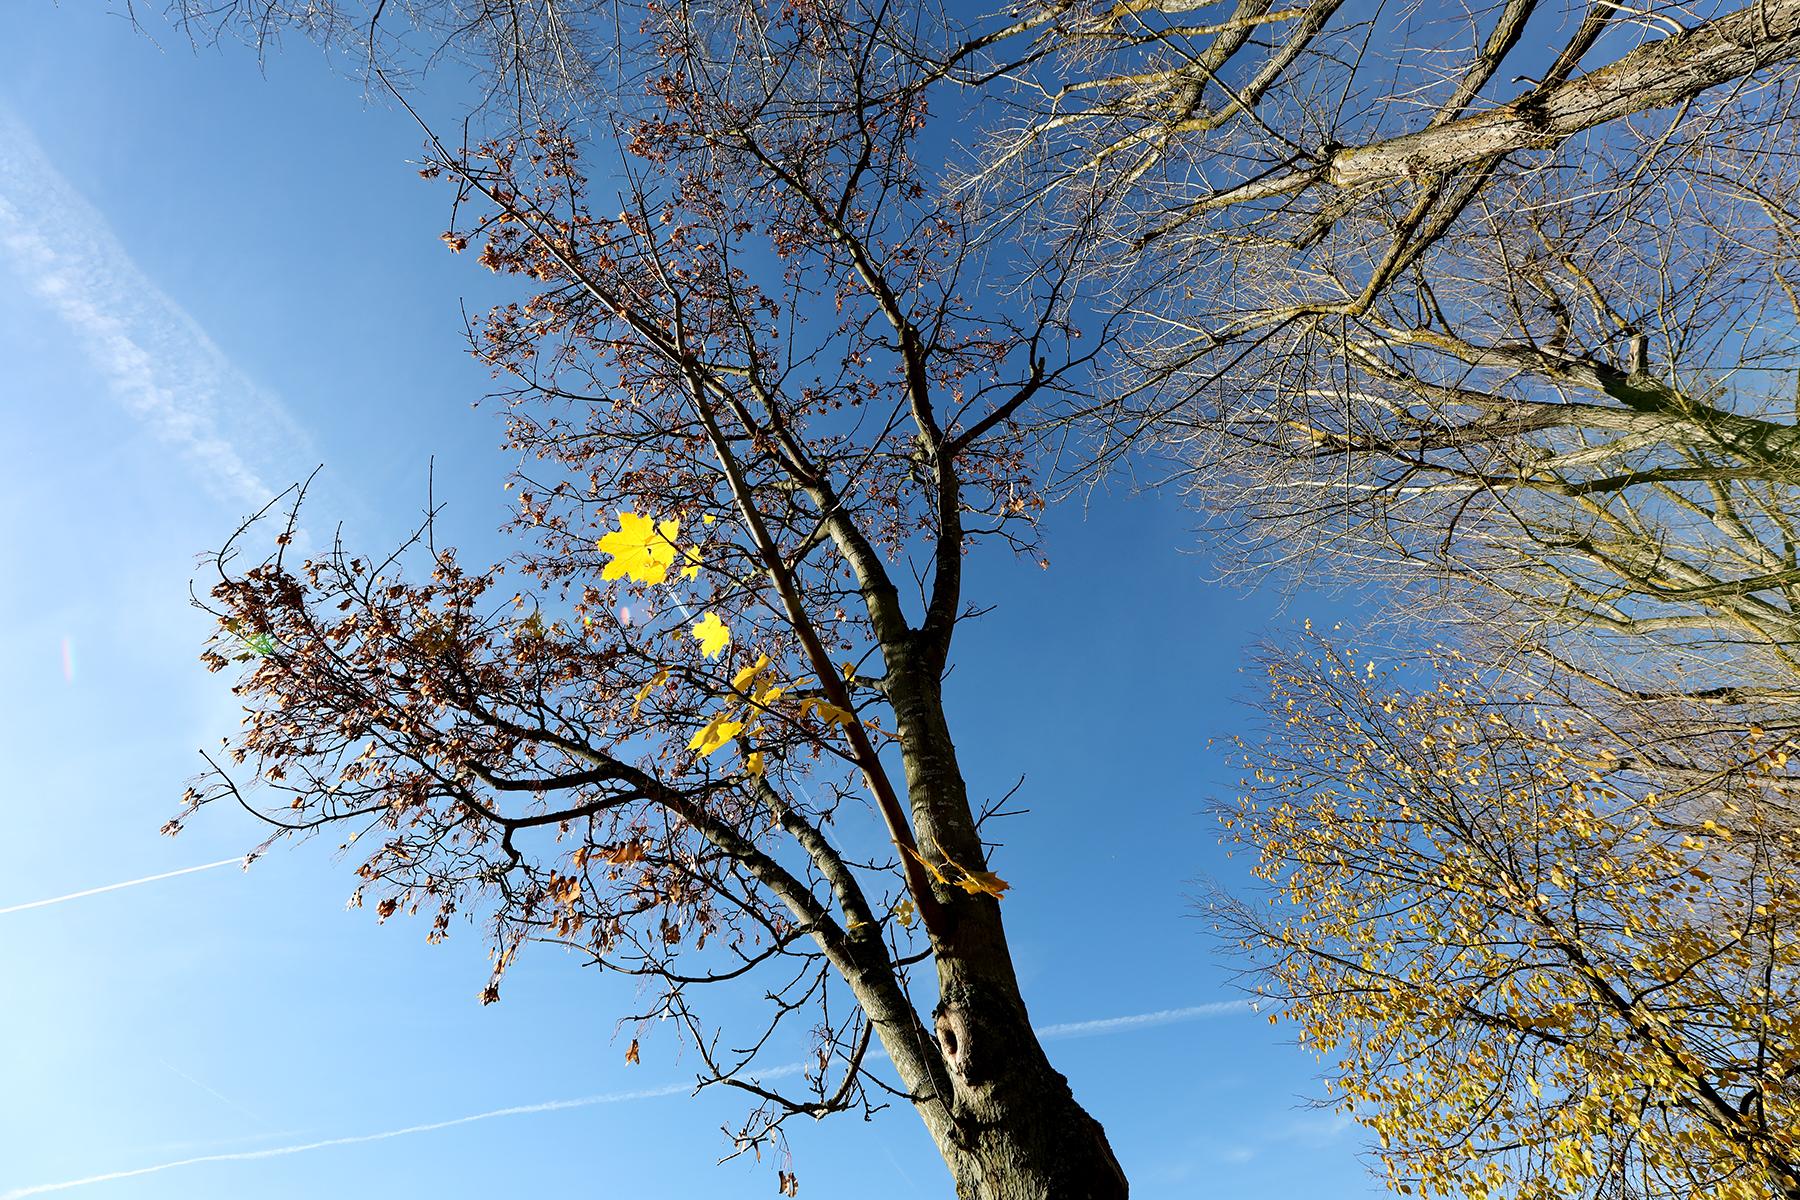 Blätter und Bäume fotografiert mit Sigma 14-24 mm Arts